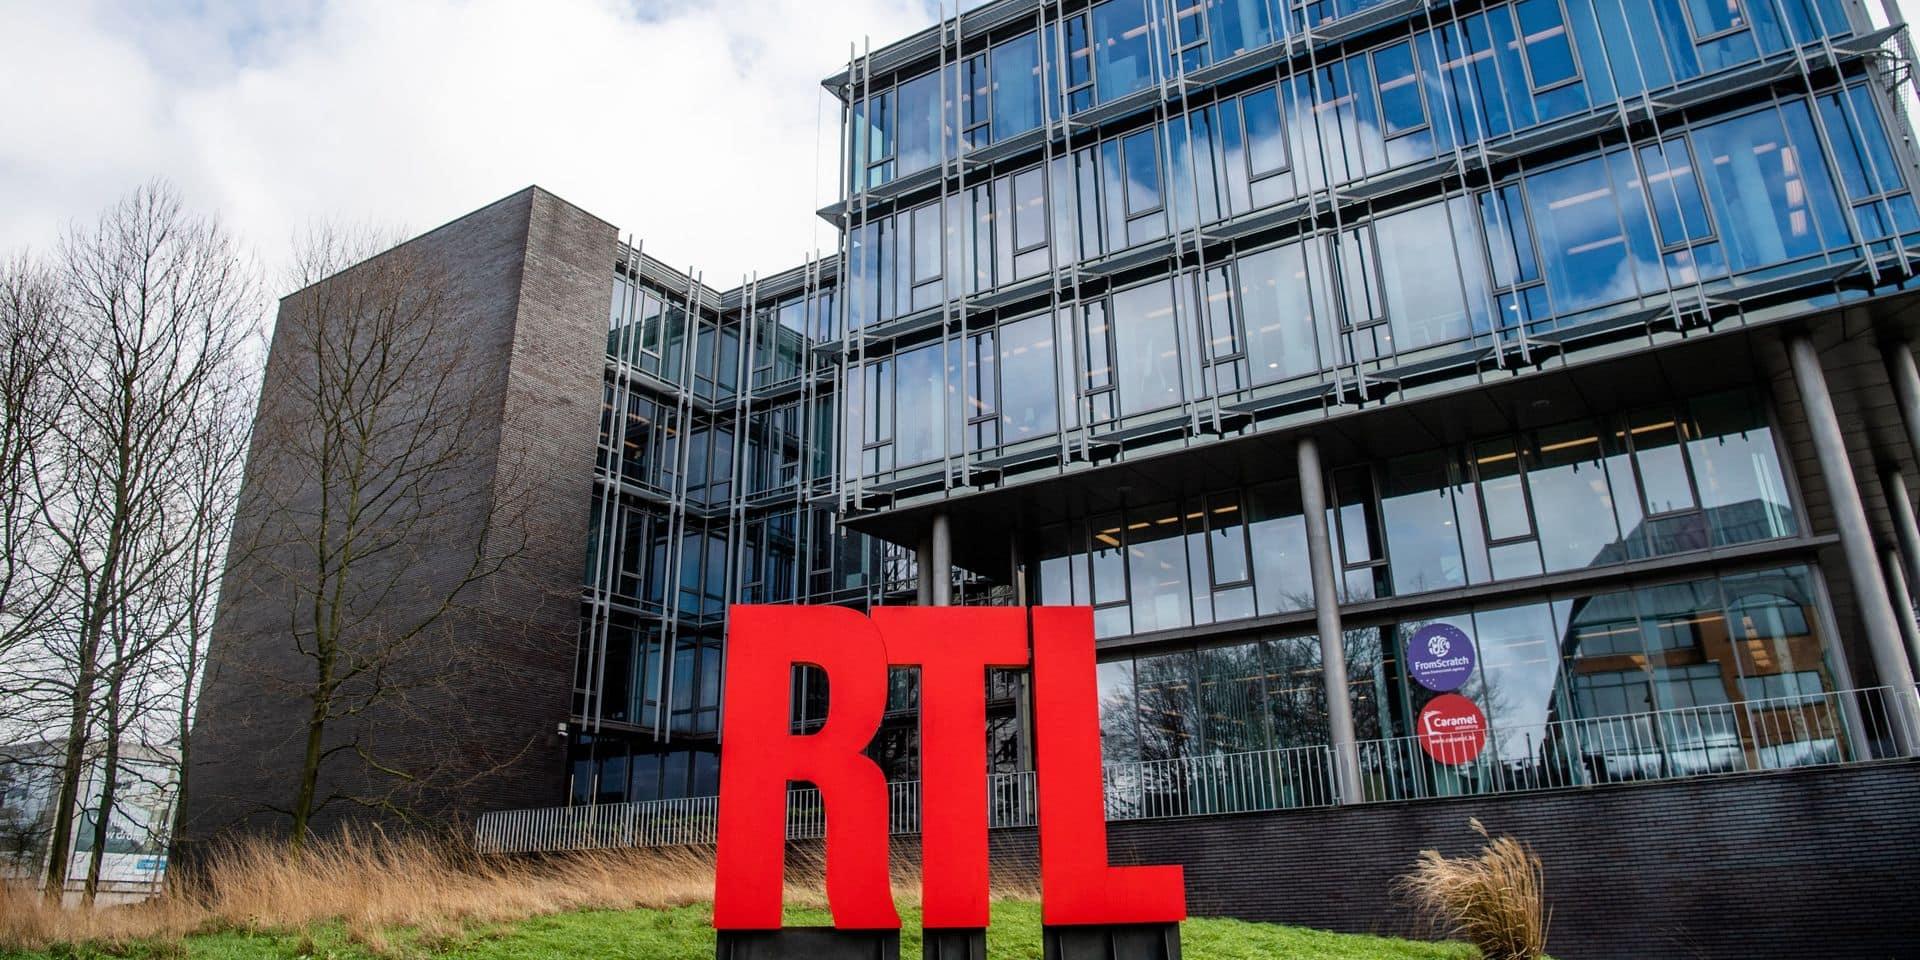 DPG et Rossel rachètent RTL Belgium pour environ 250 millions d'euros